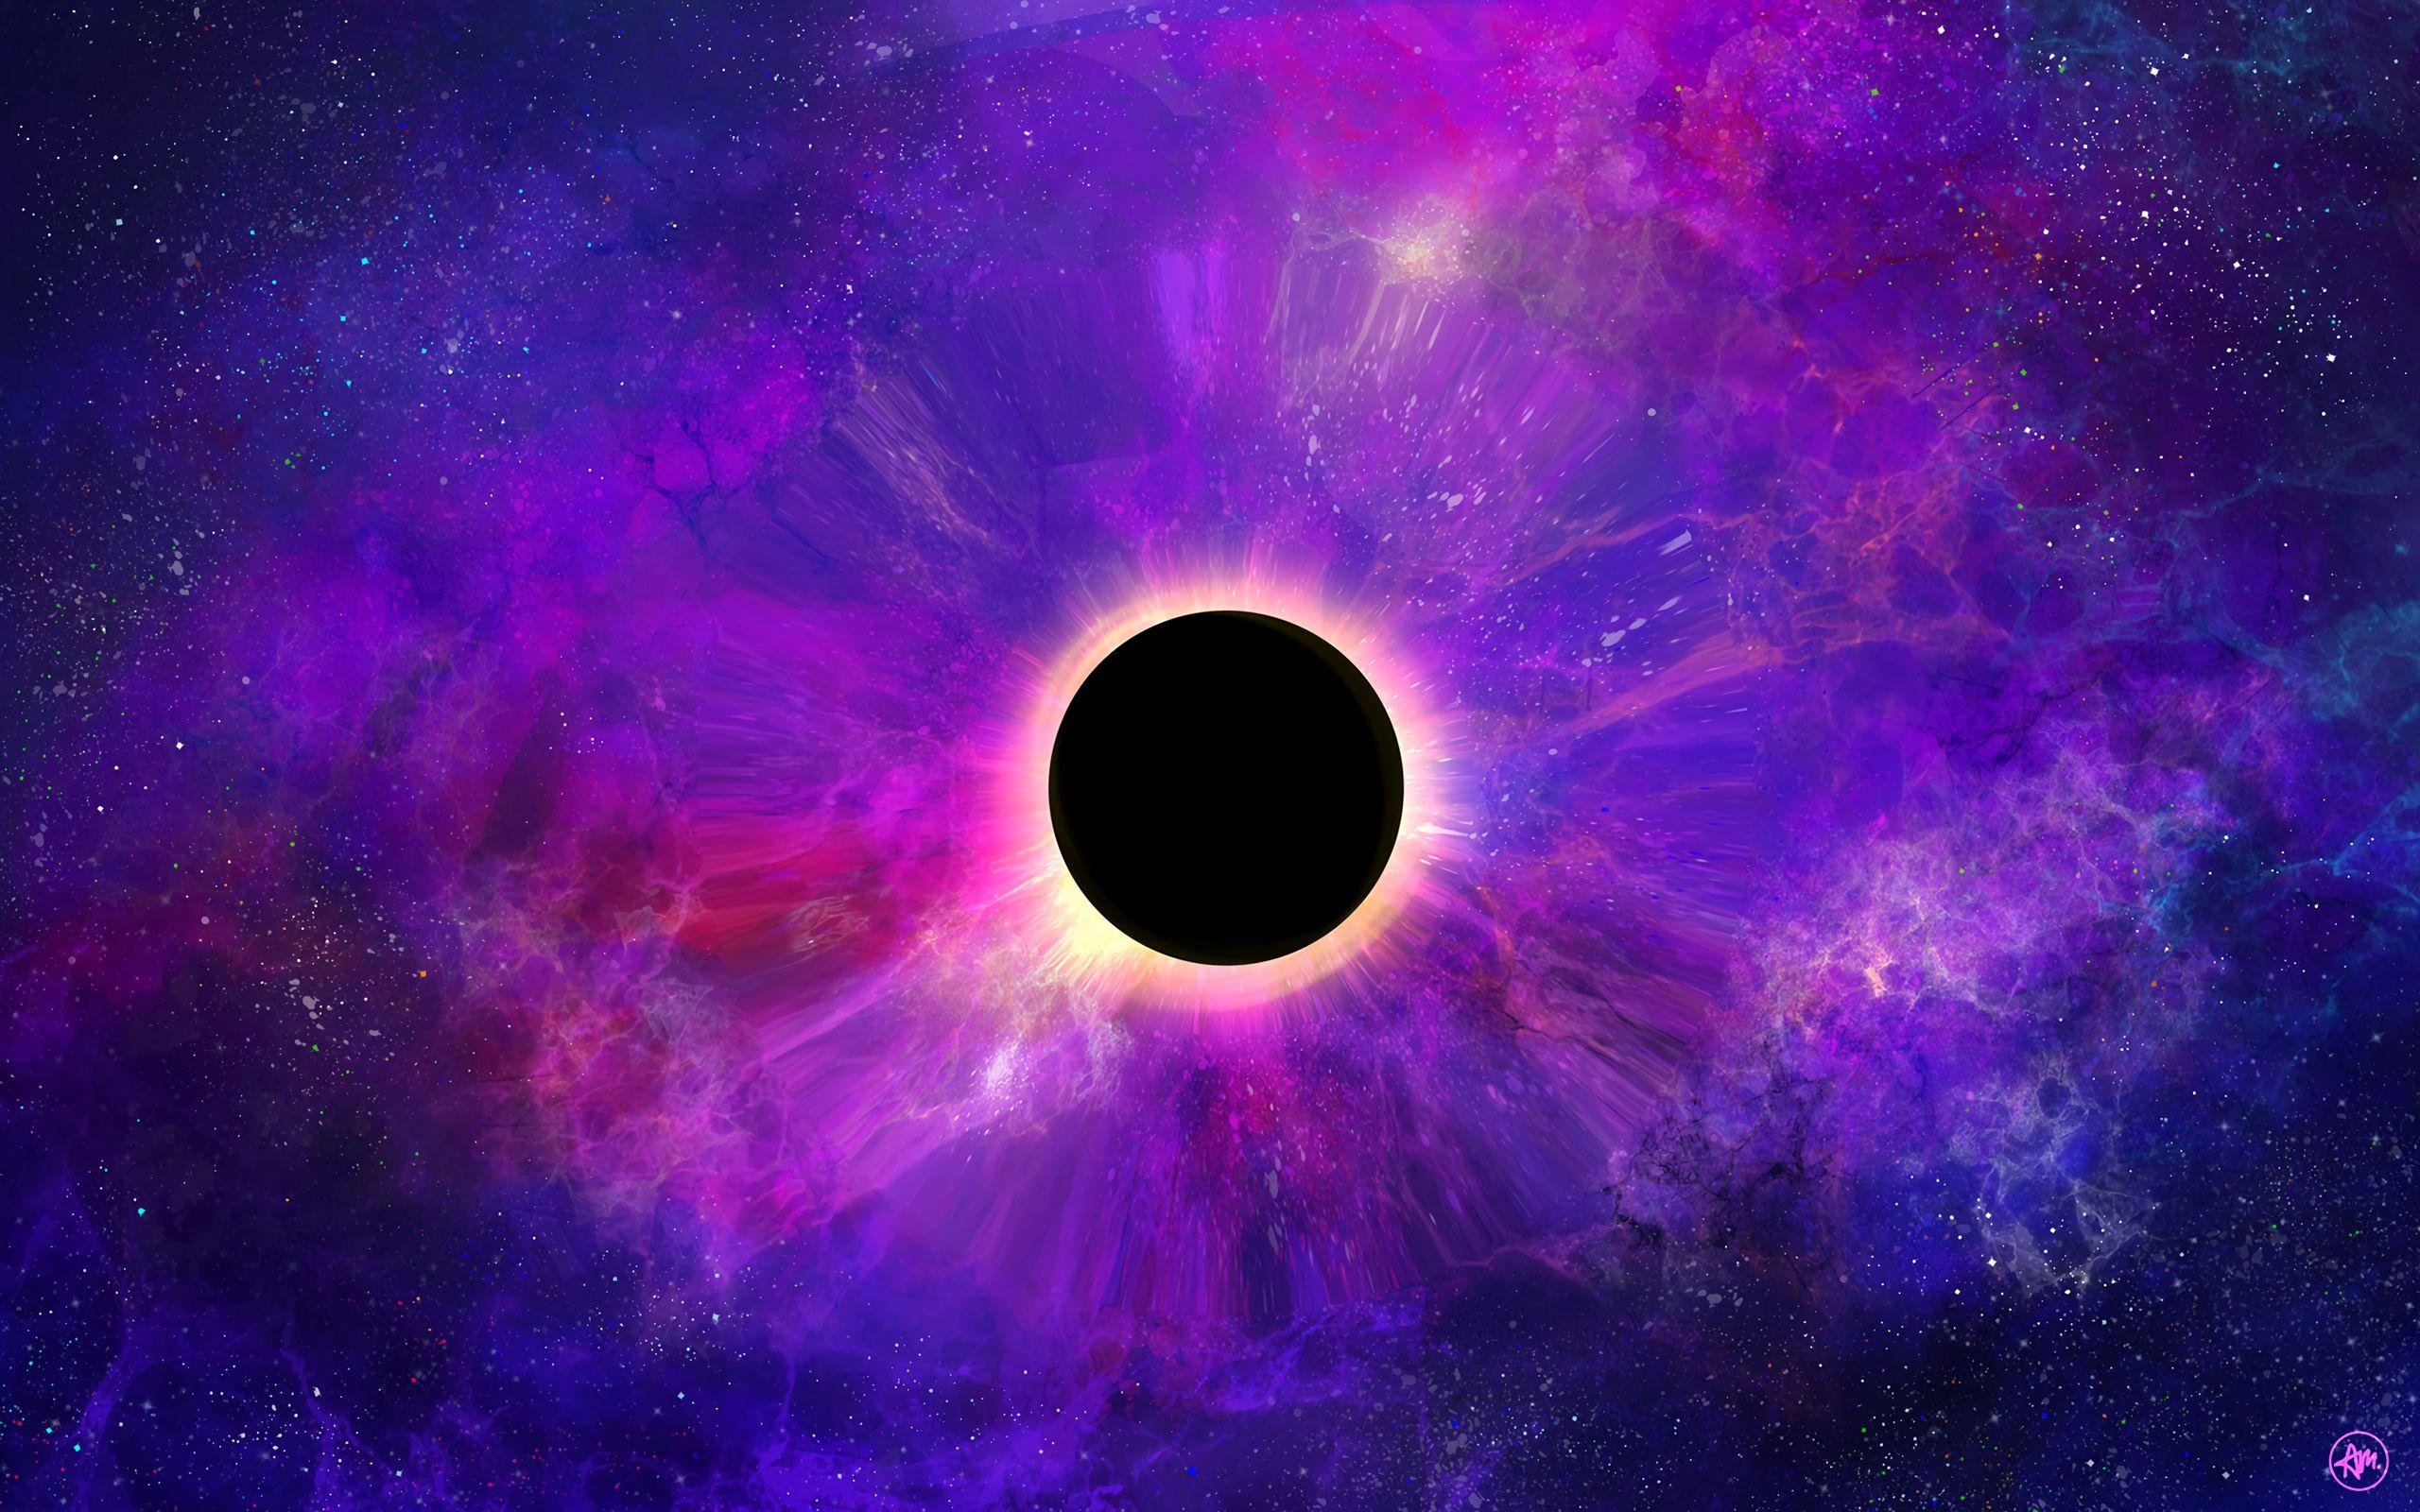 2560x1600 Wallpaper space, ball, planet, dark, art